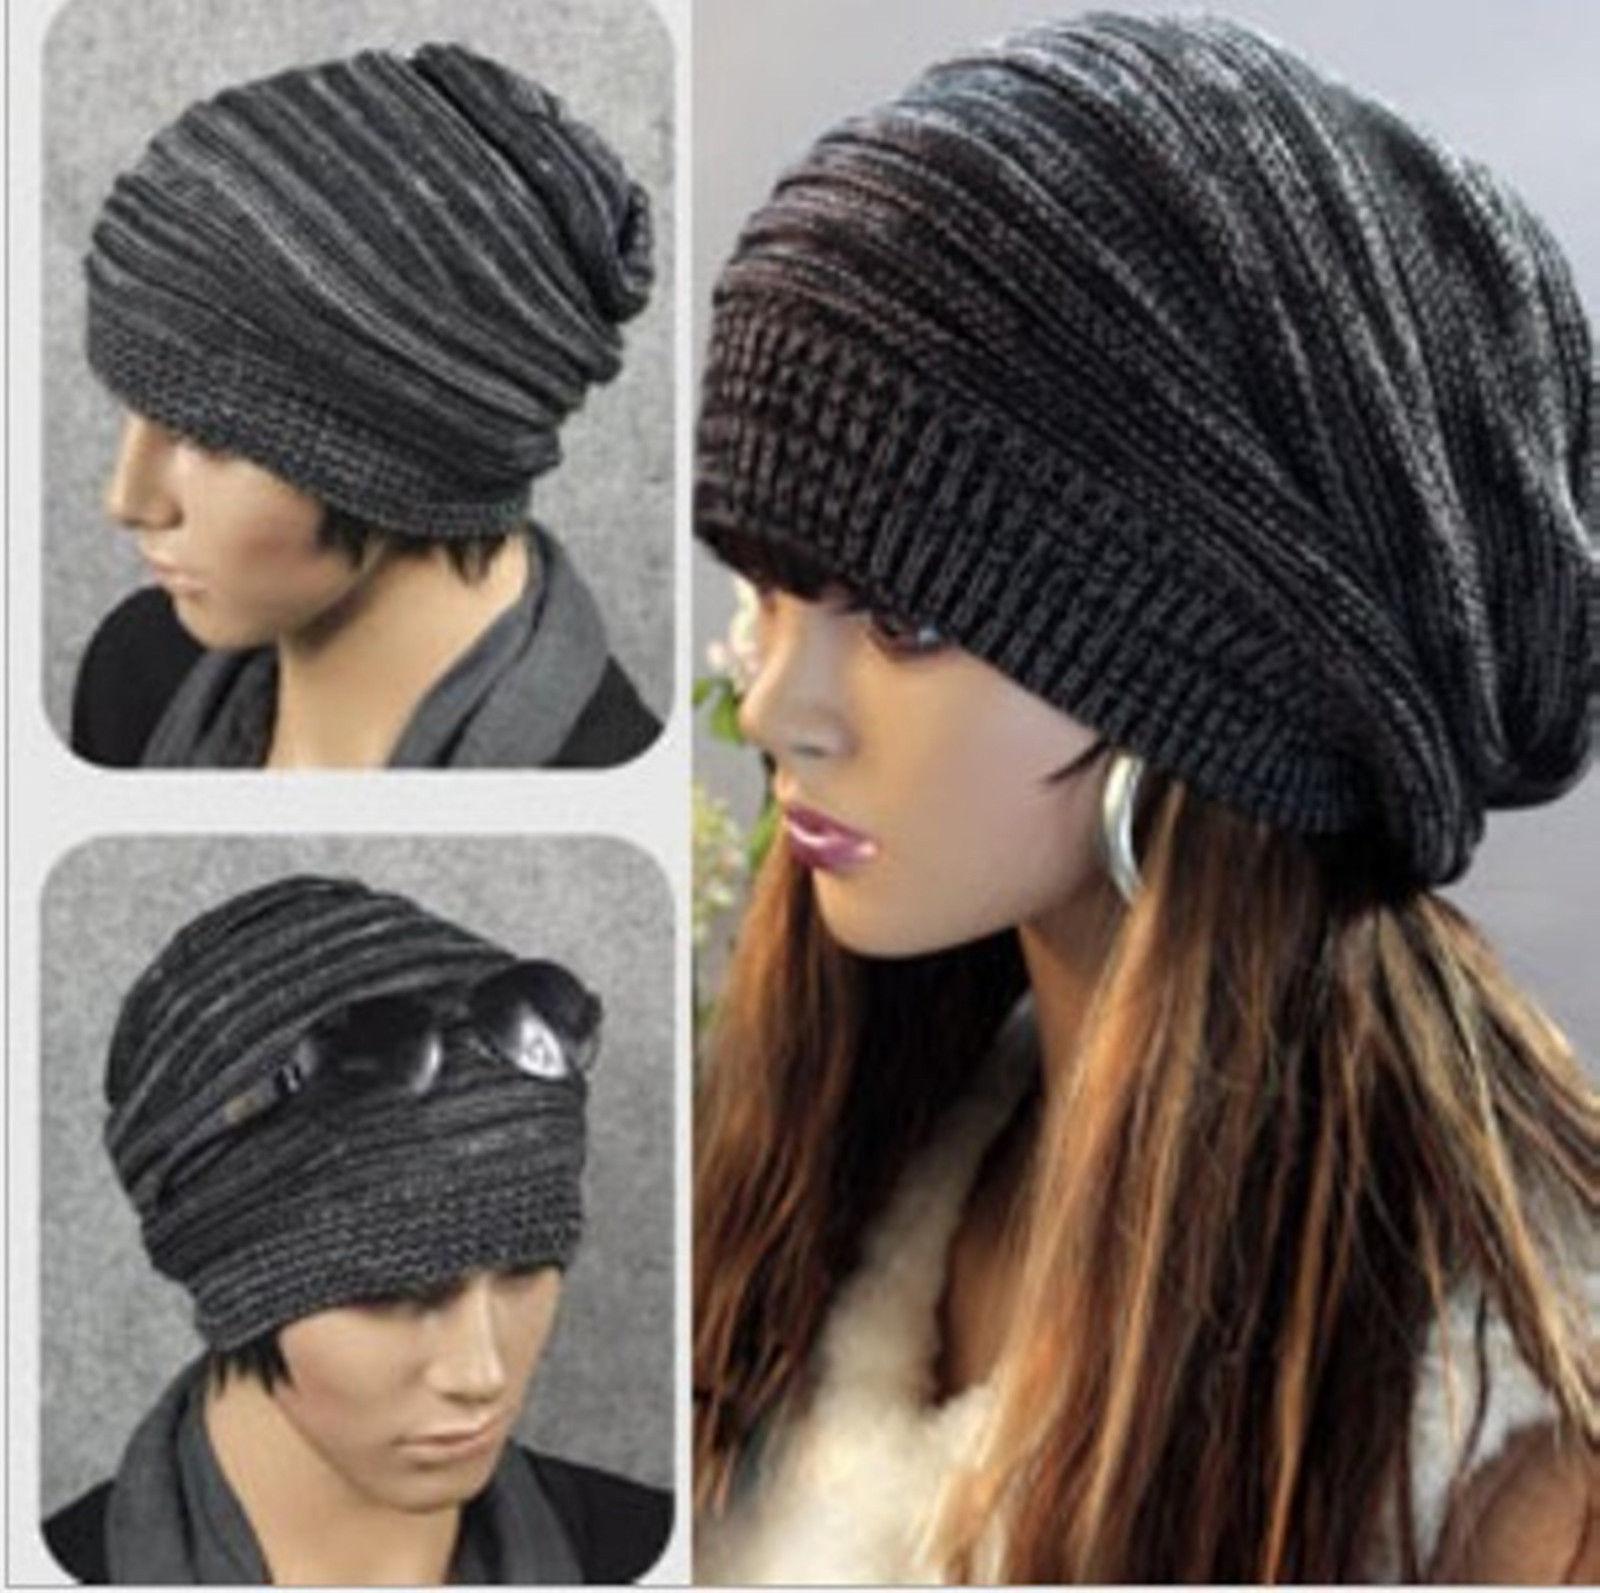 Womens Wool Beanie Hats 6da626371d0